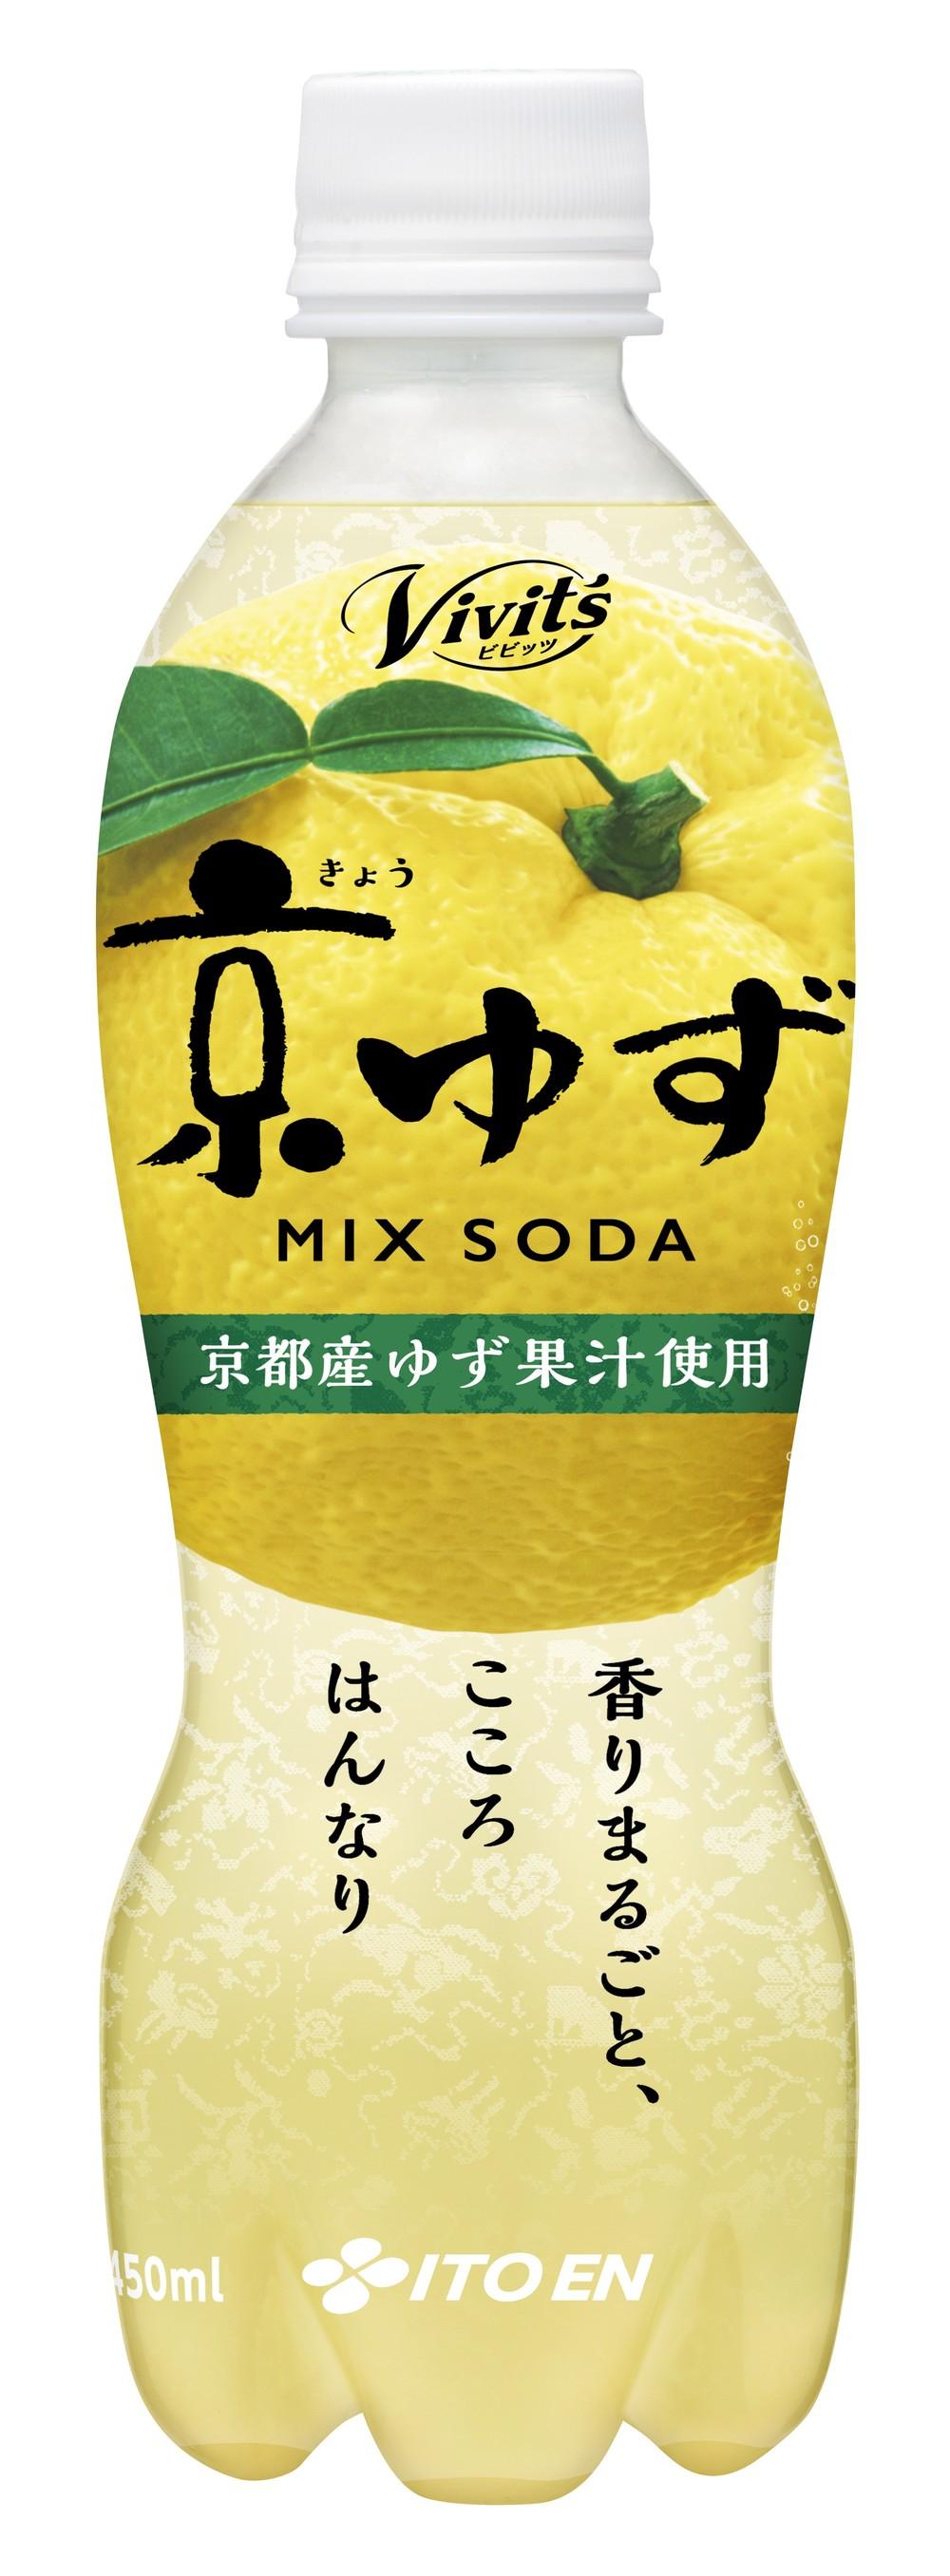 果皮まで使った豊かな香りとほろ苦さ 旬の炭酸飲料